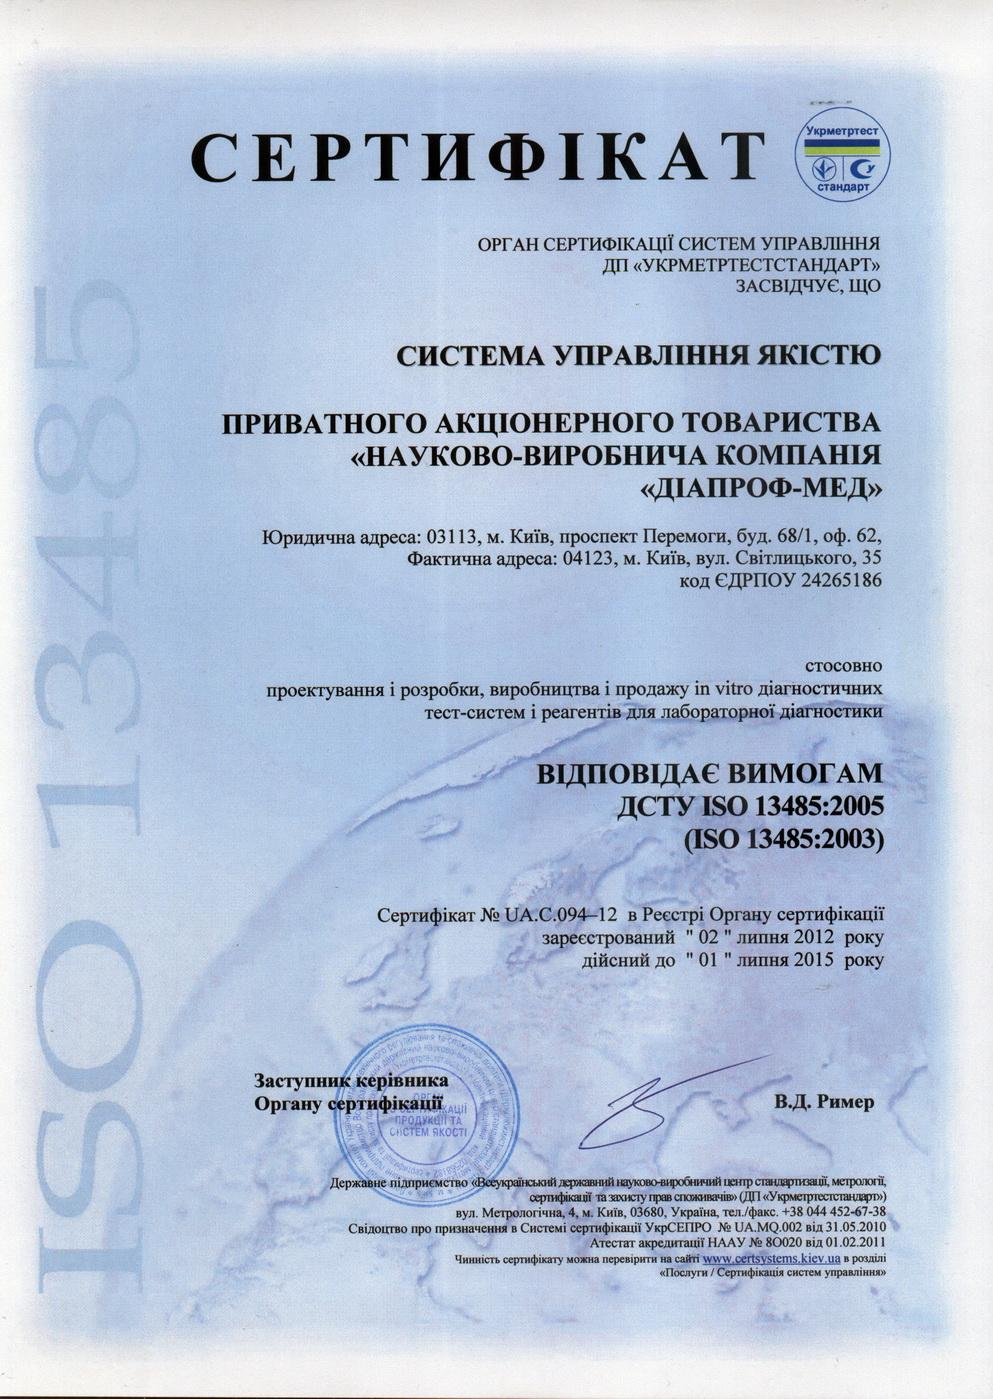 Дсту 4488 2005 - tvojzdorovie